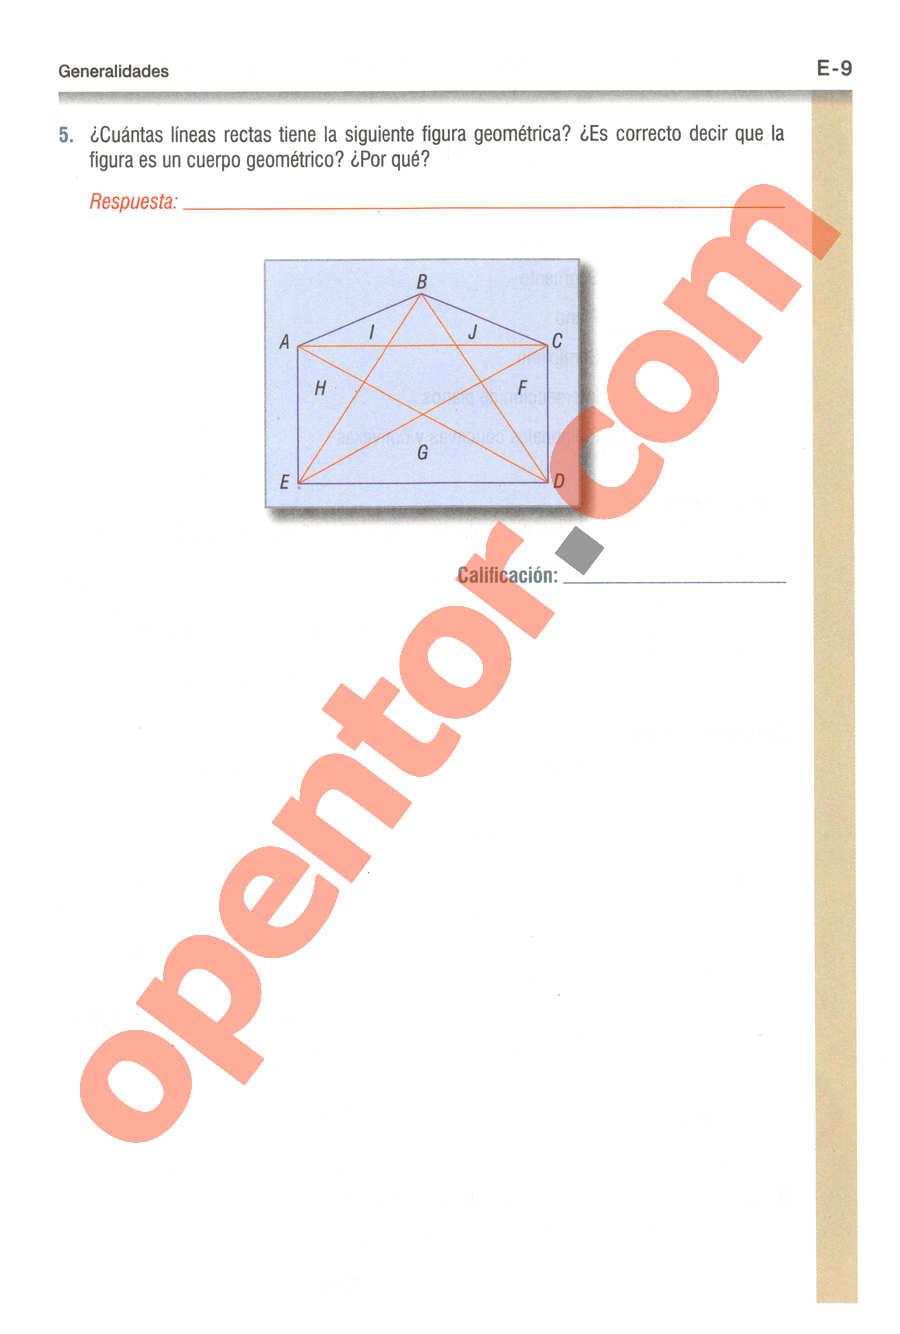 Geometría y Trigonometría de Baldor - Página E9